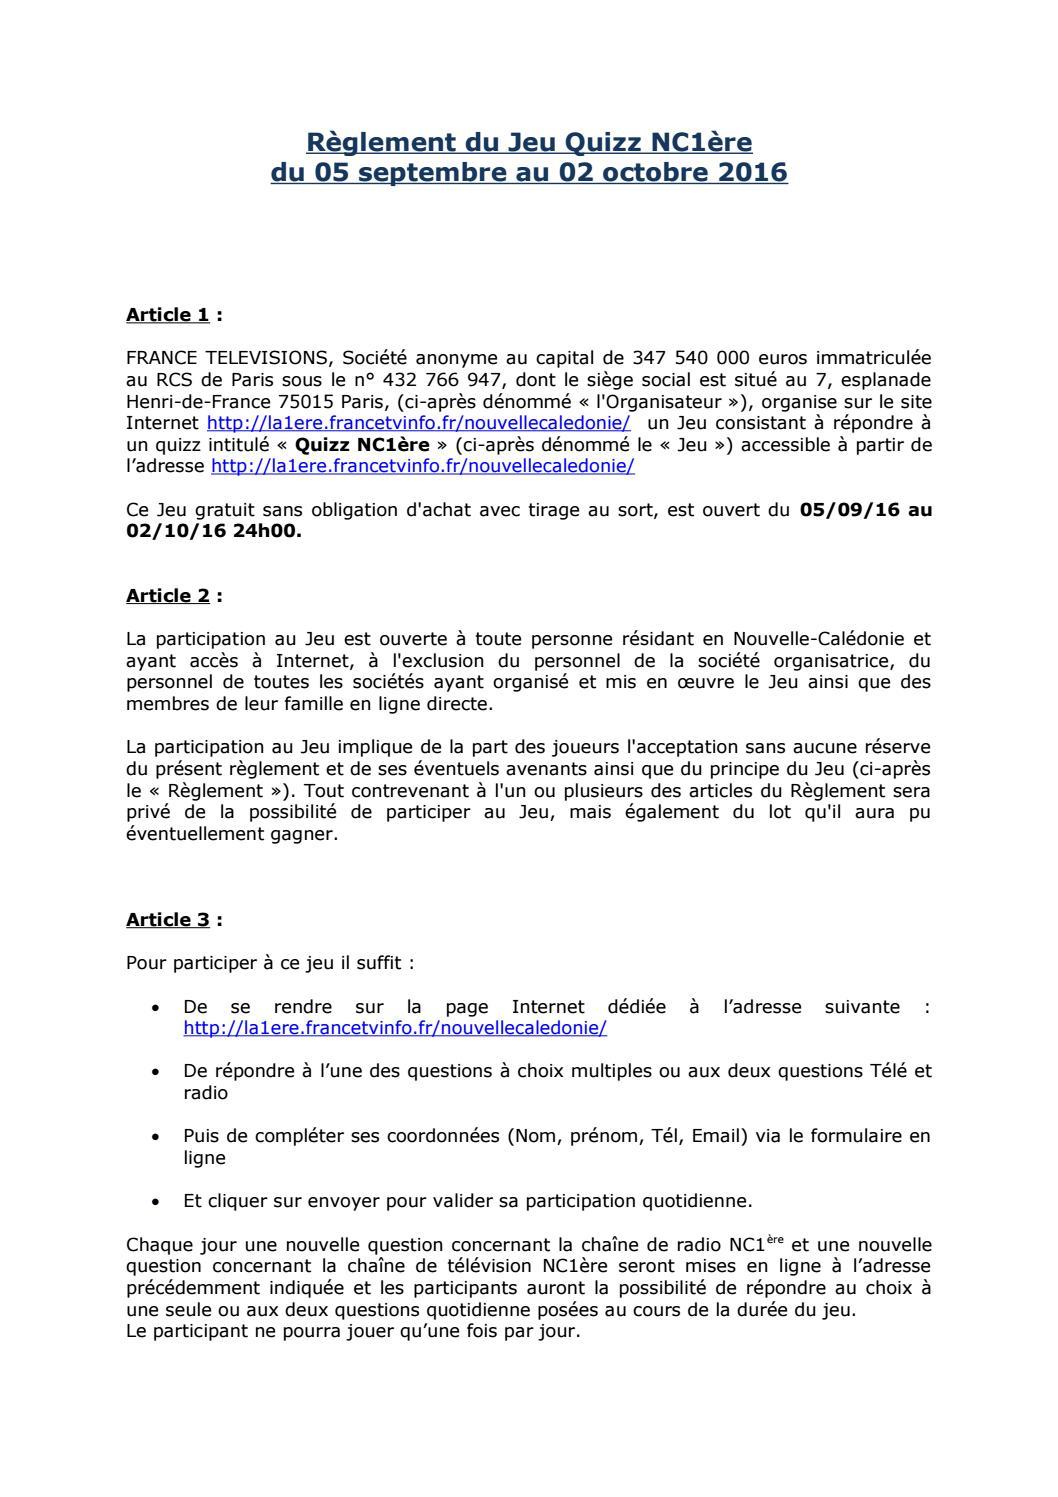 Réglement Jeu Quizz Nc1Ère (2) By Nc La 1Ère - Issuu à Jeux Avec Des Questions